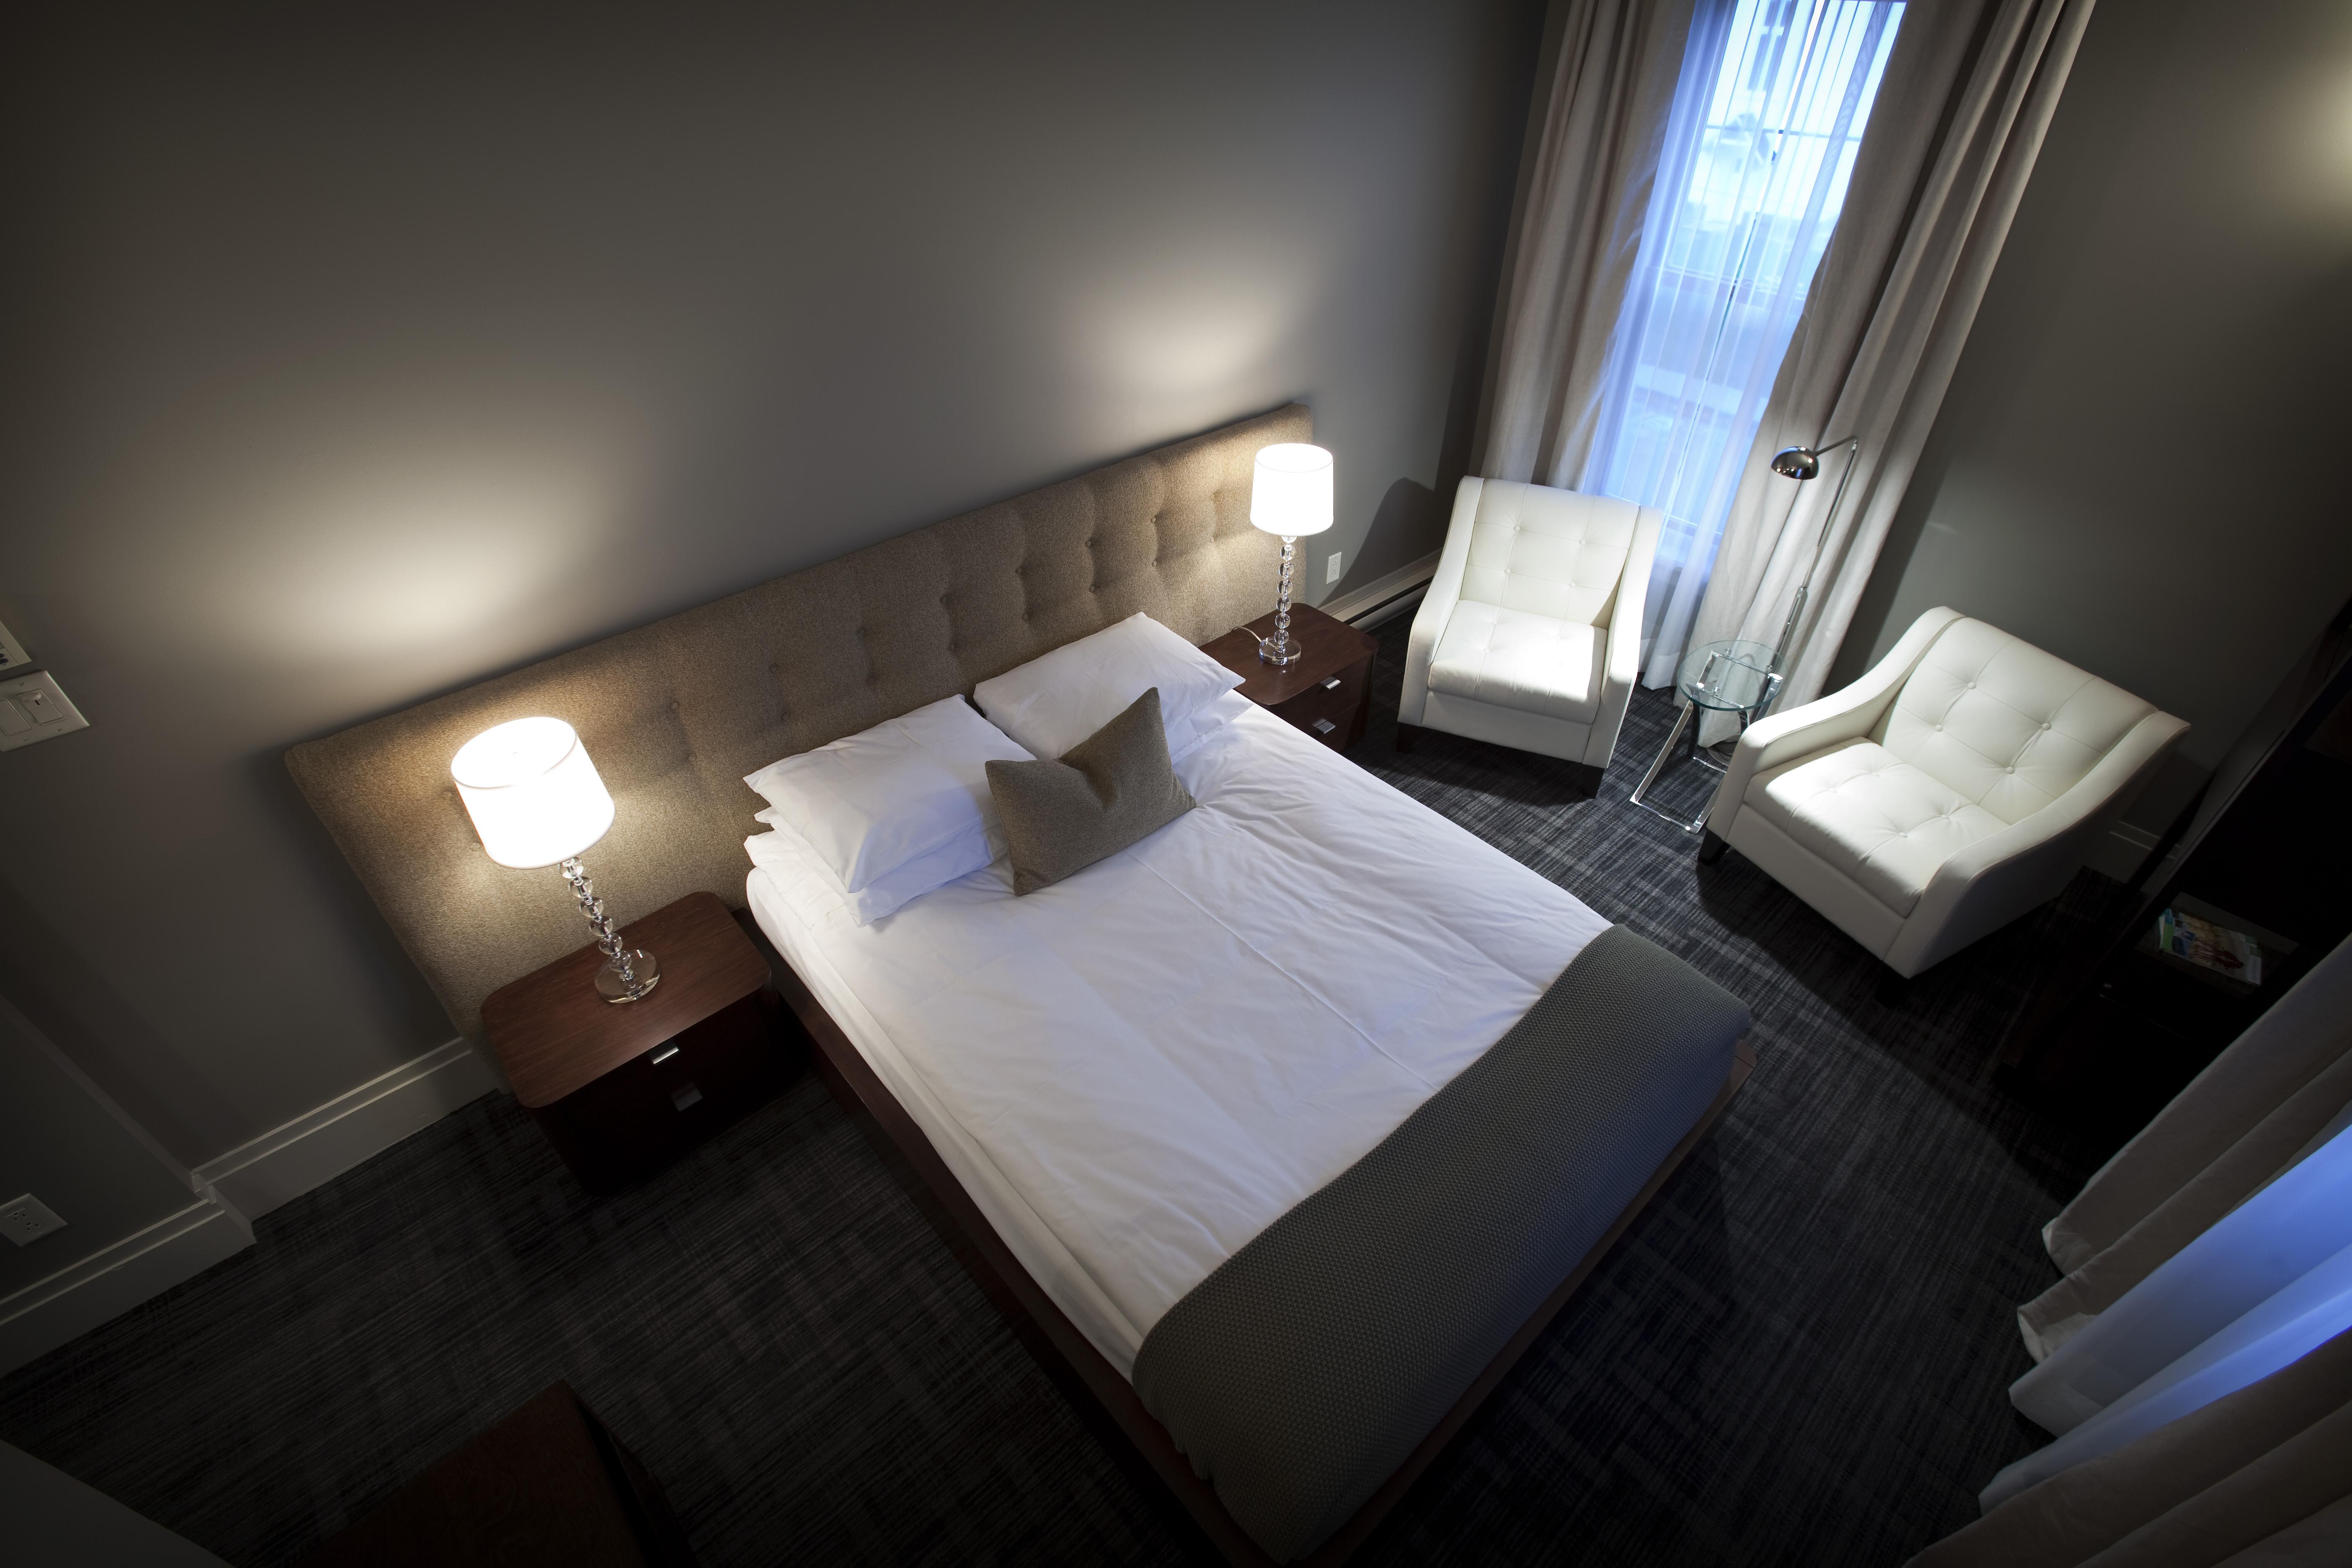 Superieure vue haut le pleasant hotel caf sutton Table vue de haut